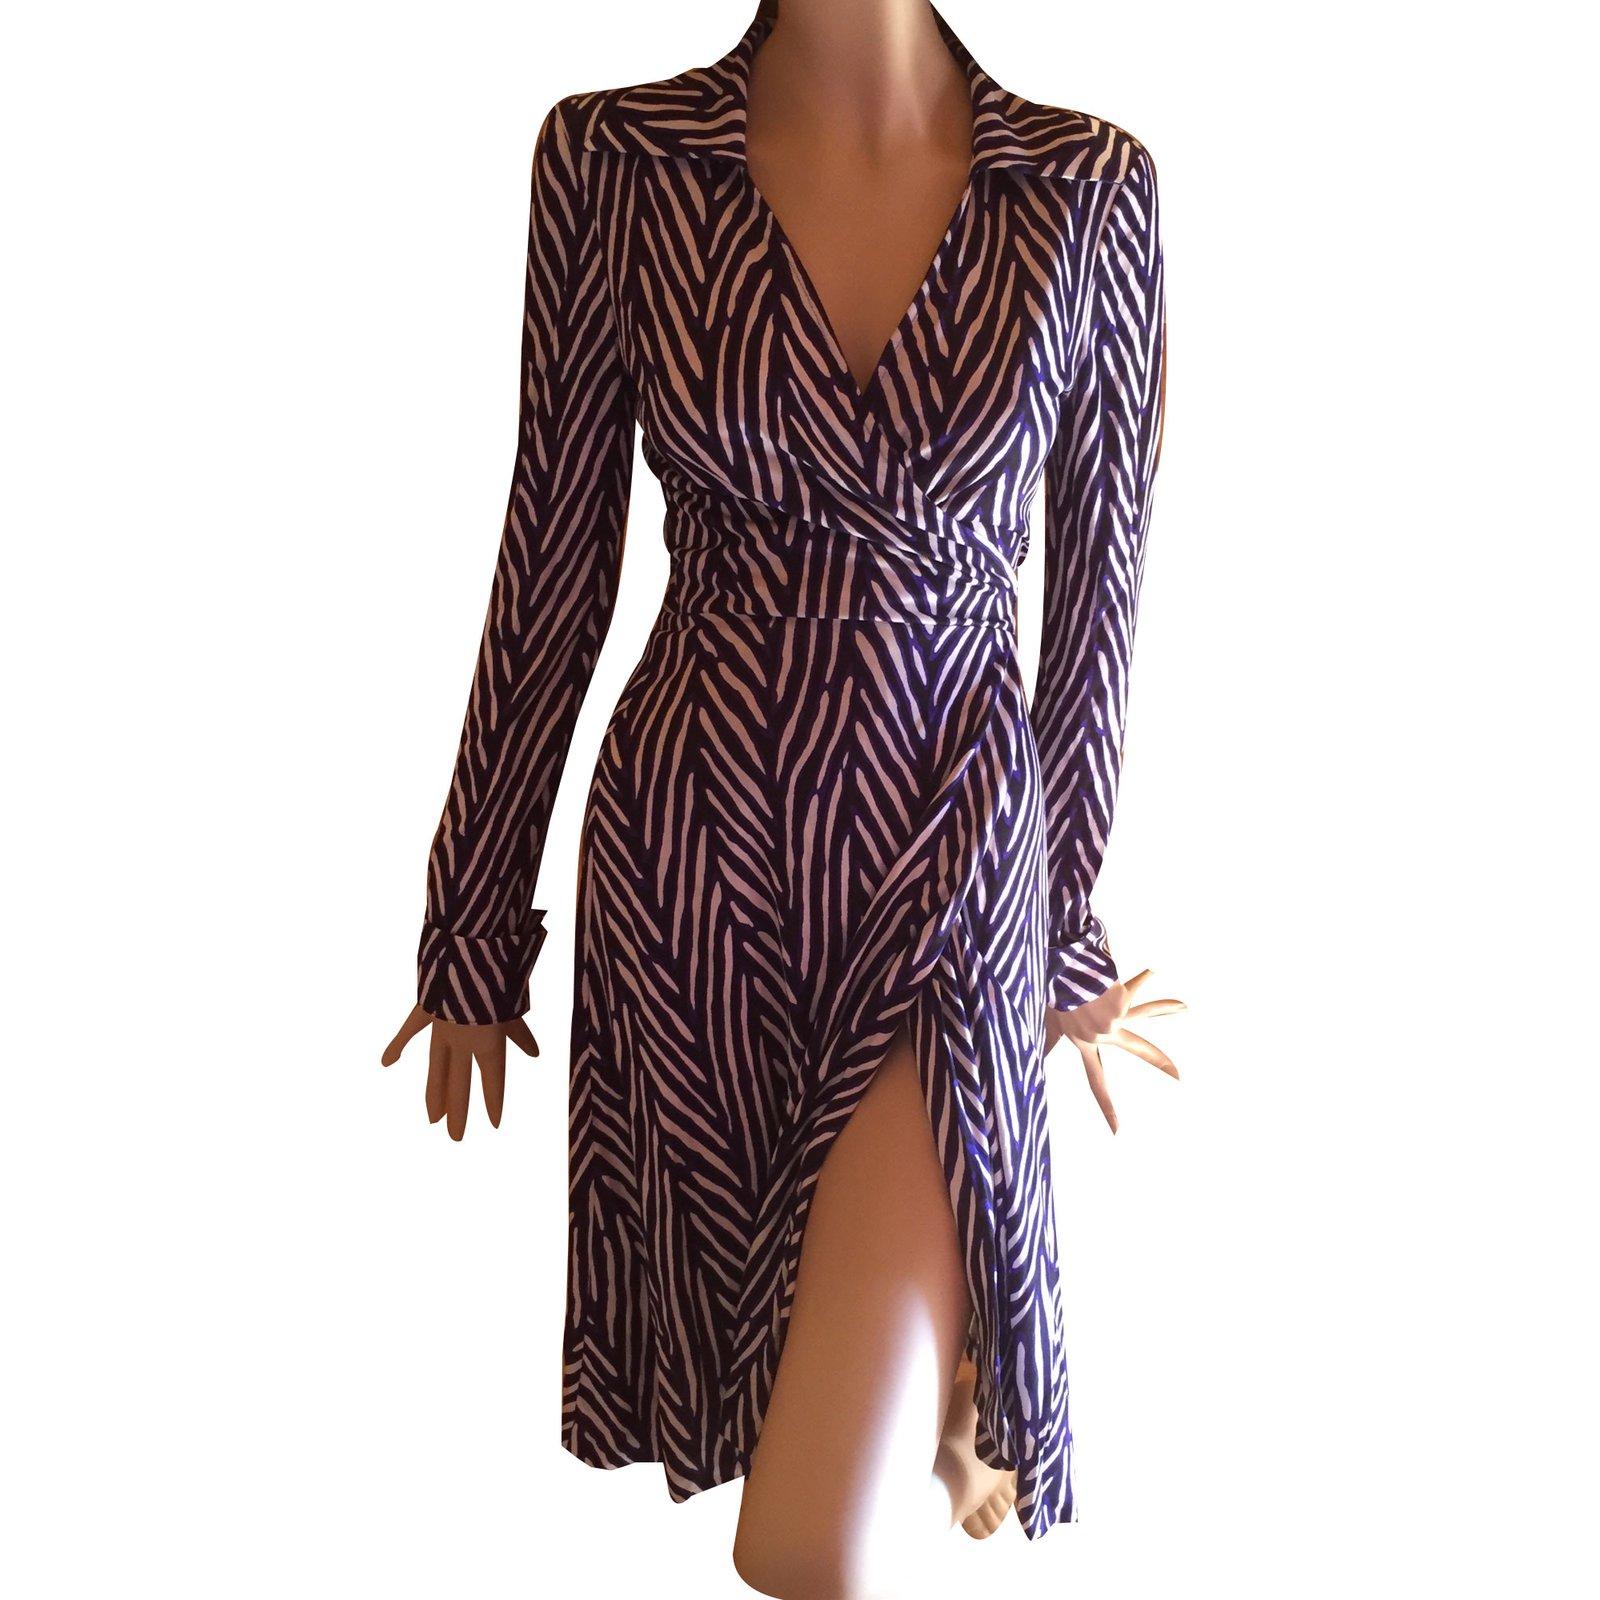 Diane Von Furstenberg Dress Dresses Silk Blue Ref 40575 Joli Closet